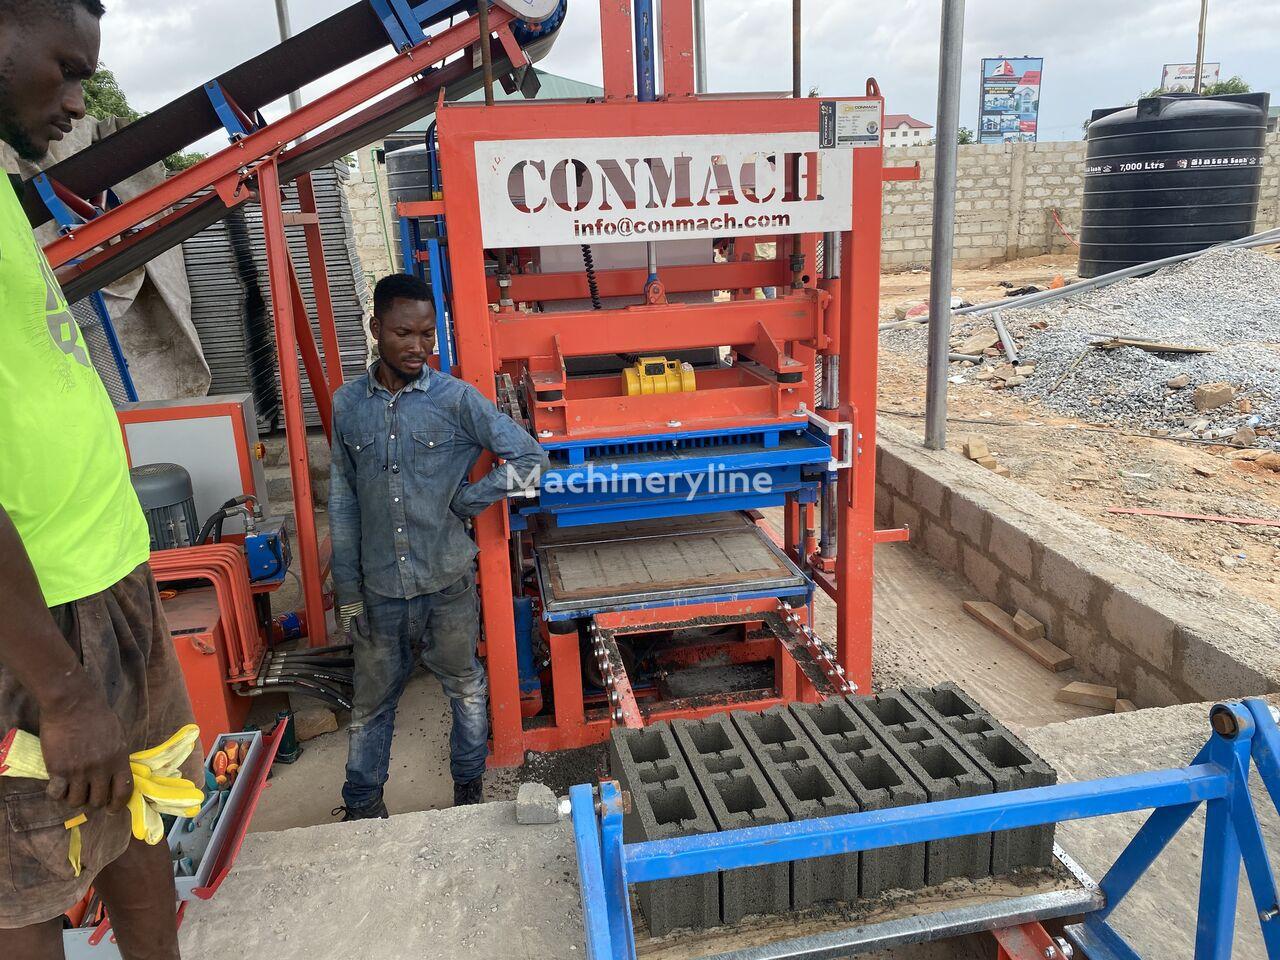 ново оборудване за производство бетонни блокчета CONMACH BlockKing-12MS Concrete Block Making Machine - 4.000 units/shift